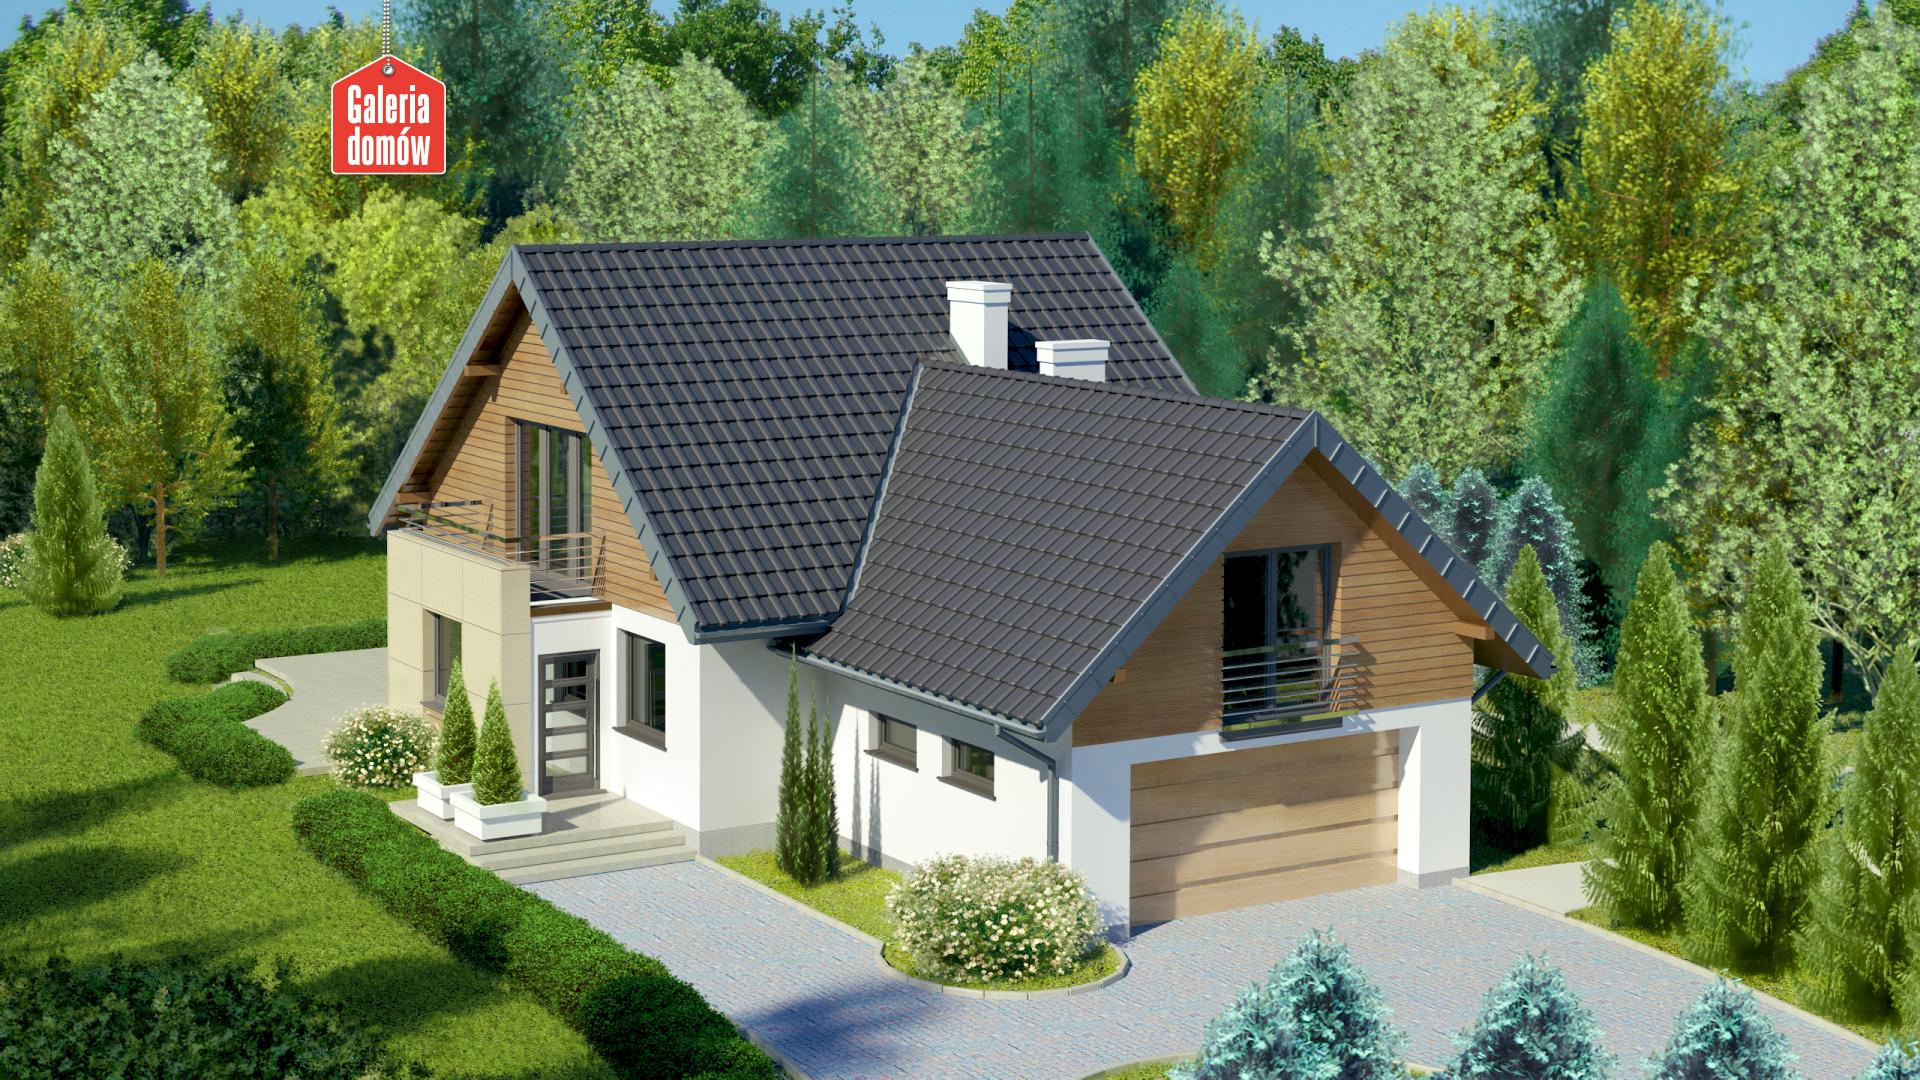 Dom Przy Cyprysowej 41 Gotowy Projekt Domu Jednorodzinnego